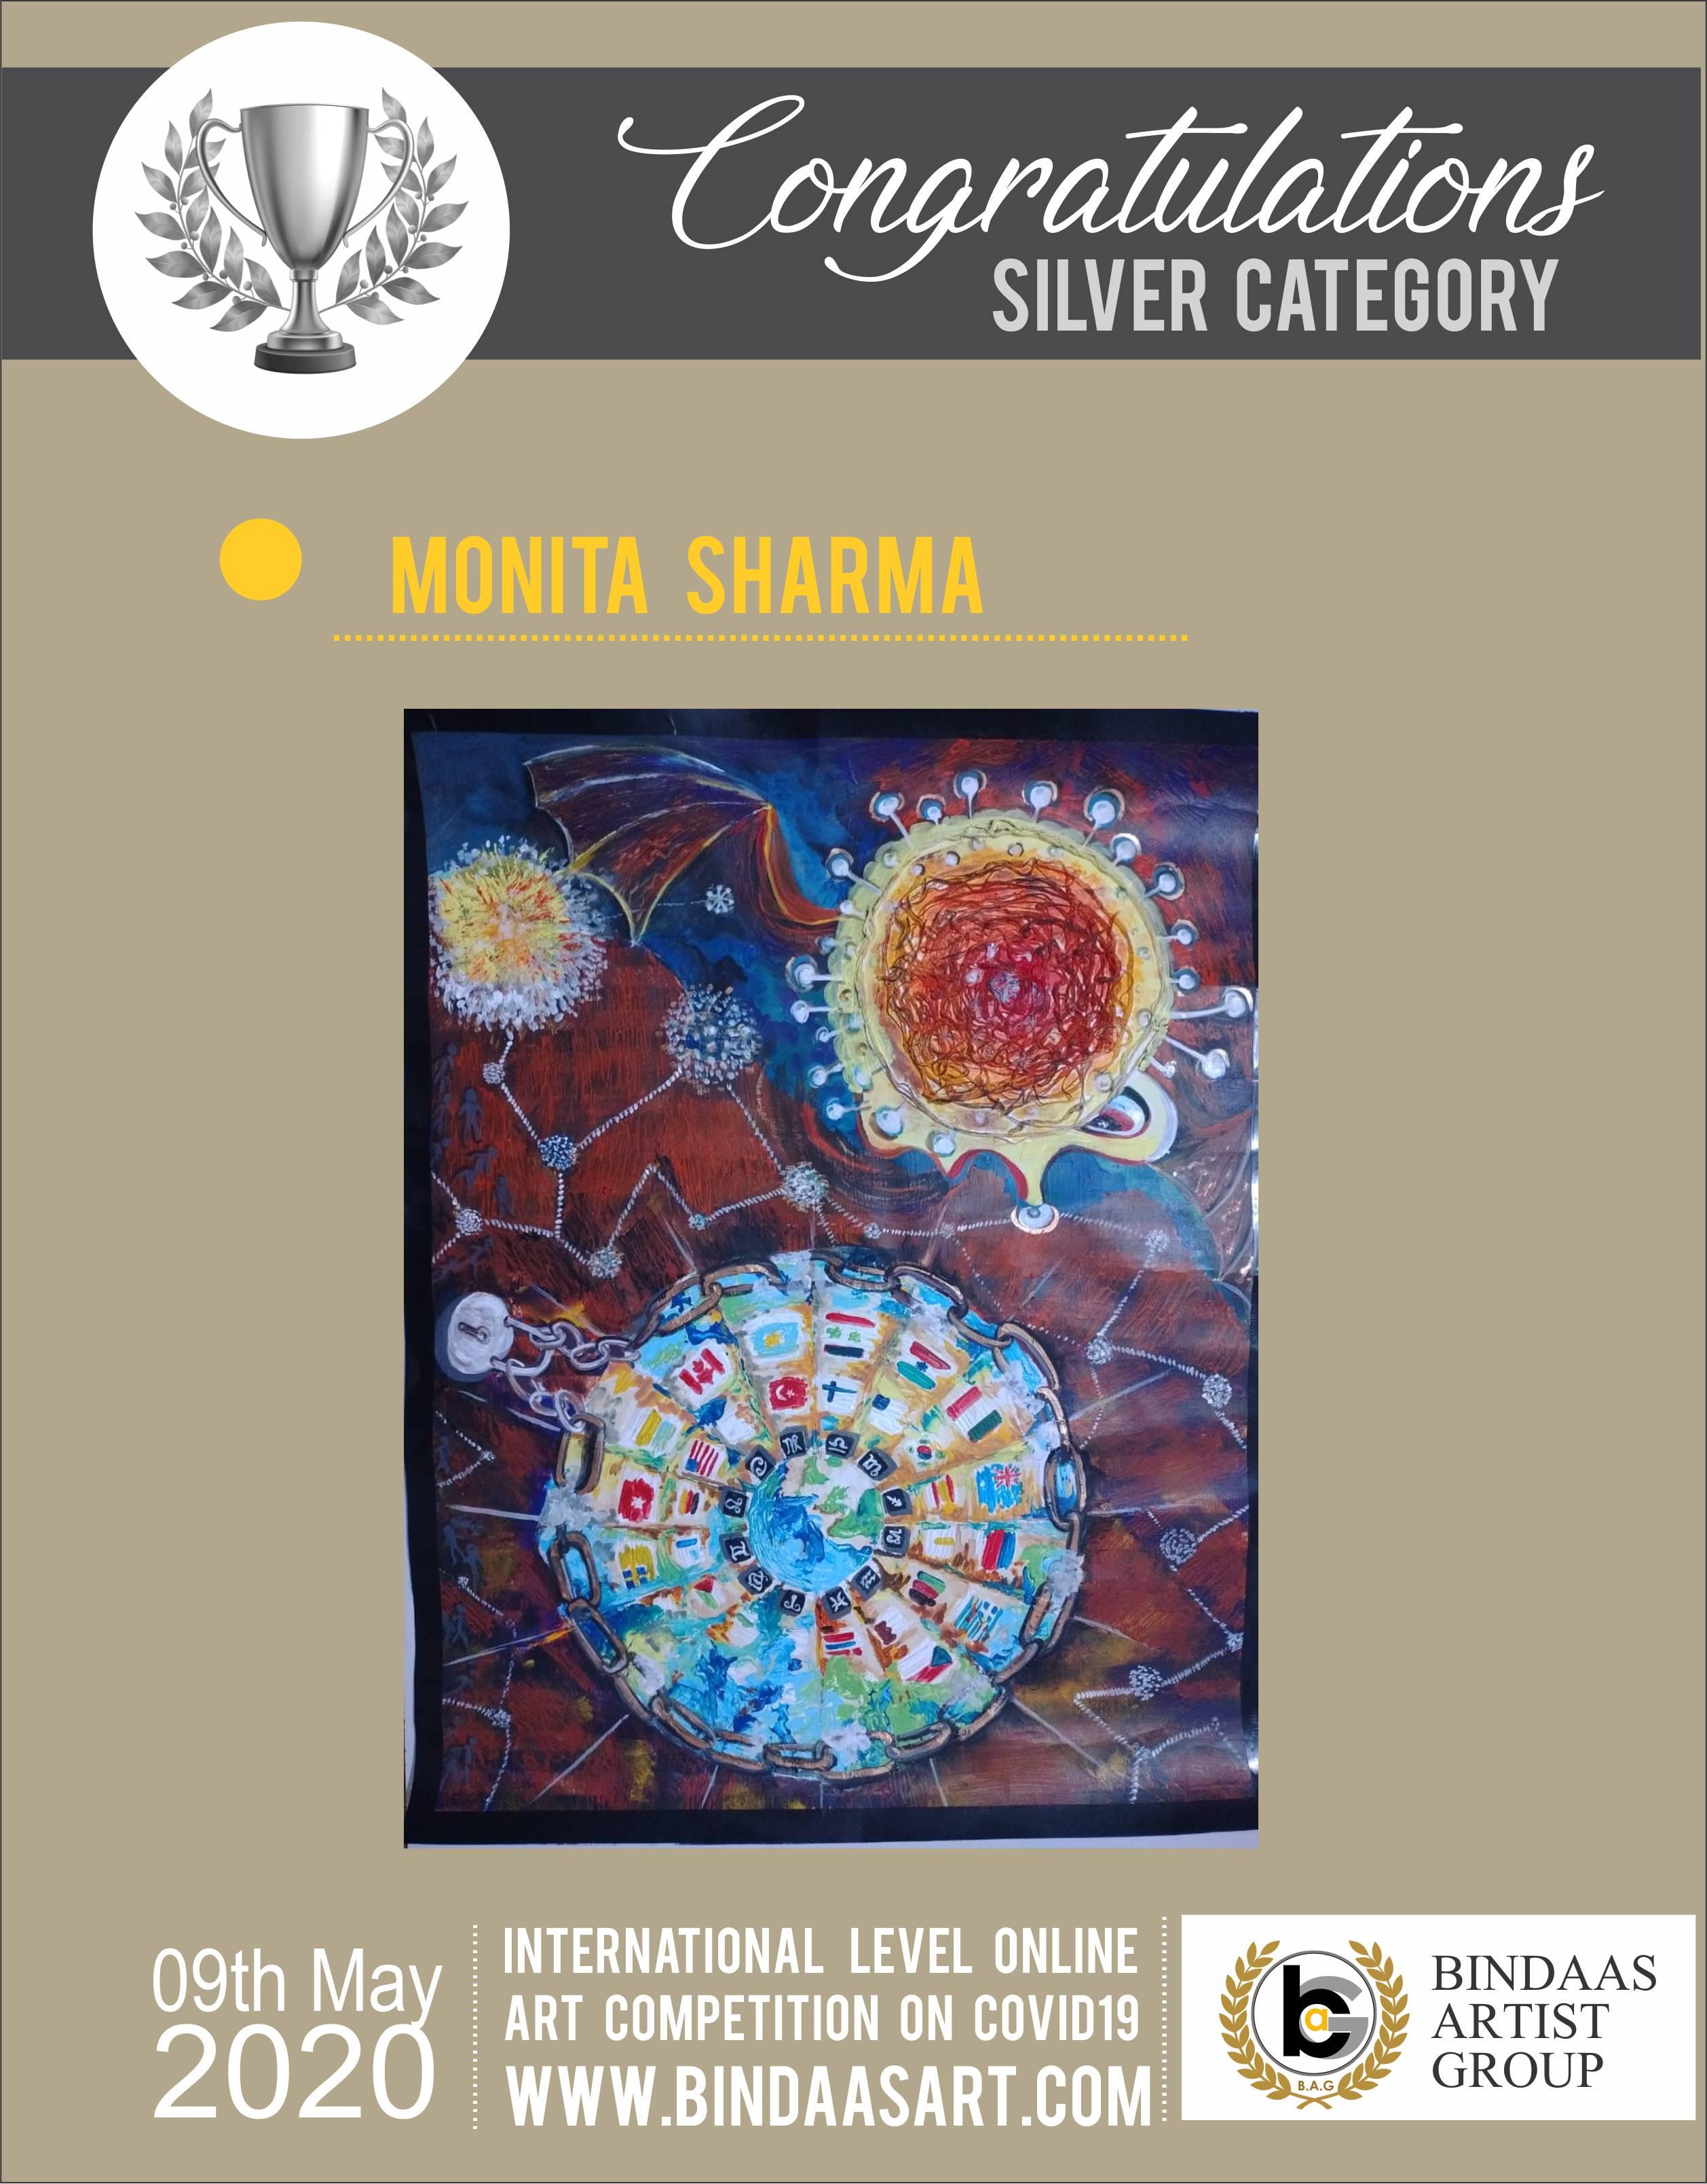 Monita Sharma